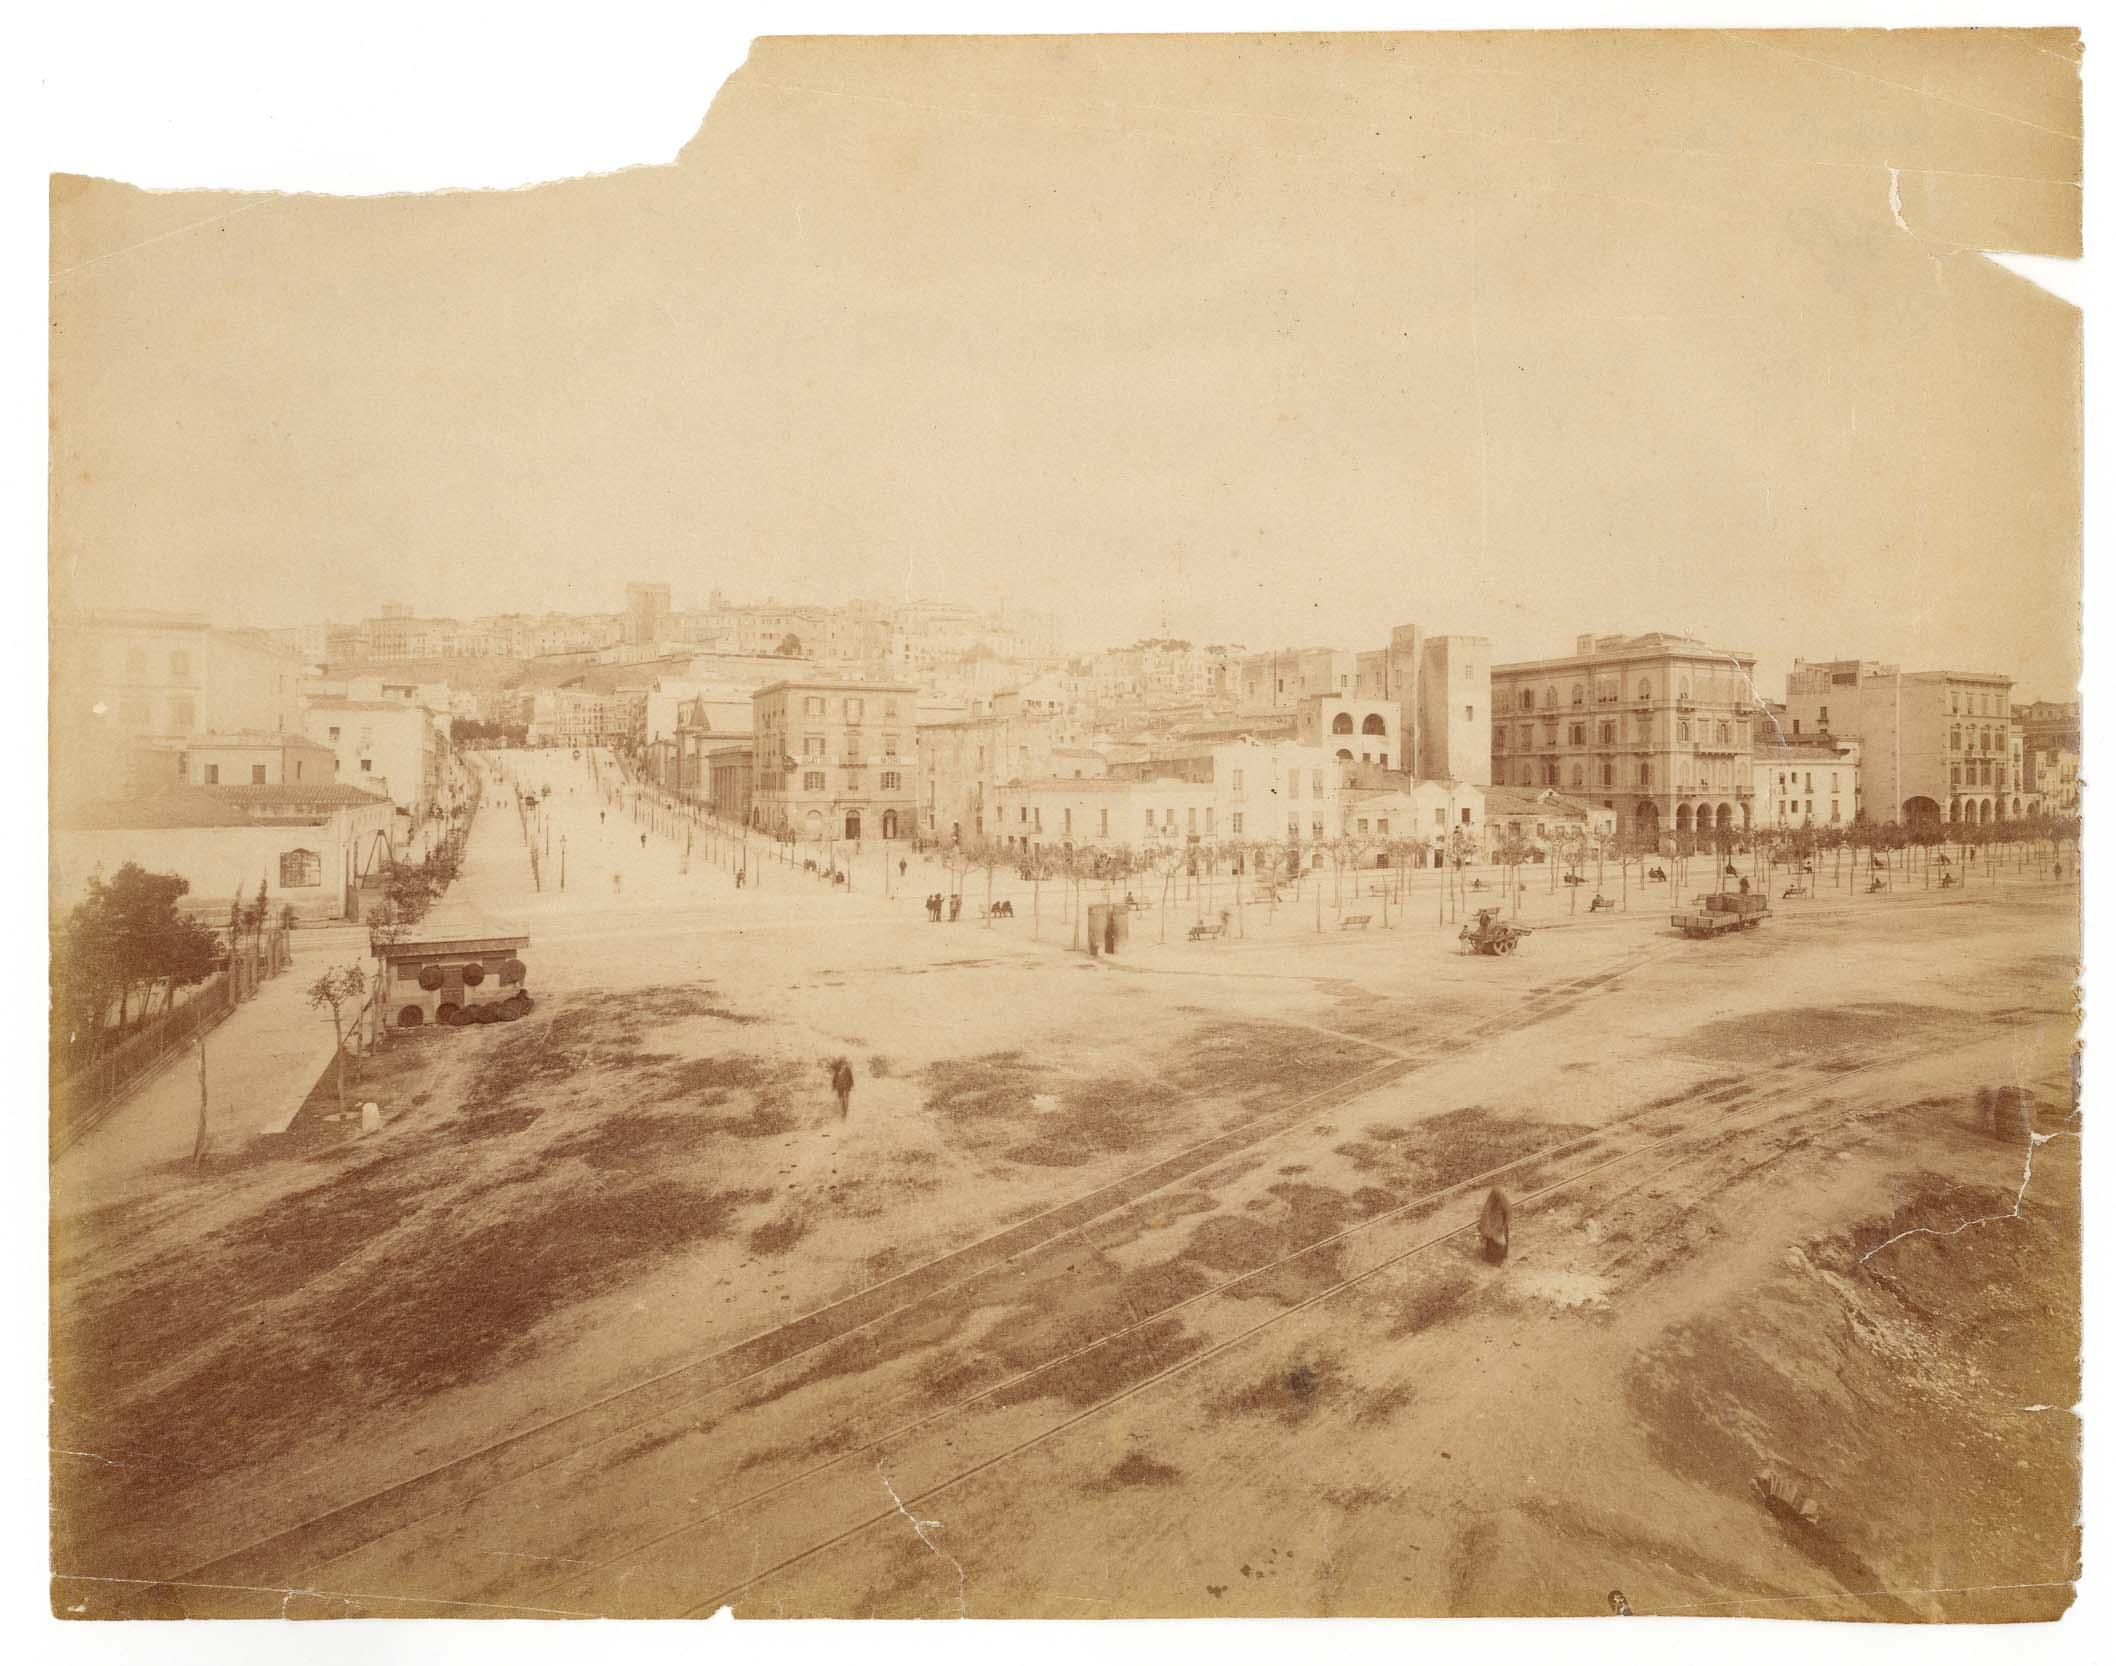 Archivio Comunale - 1880 - Topografia_jpg_foto 0025